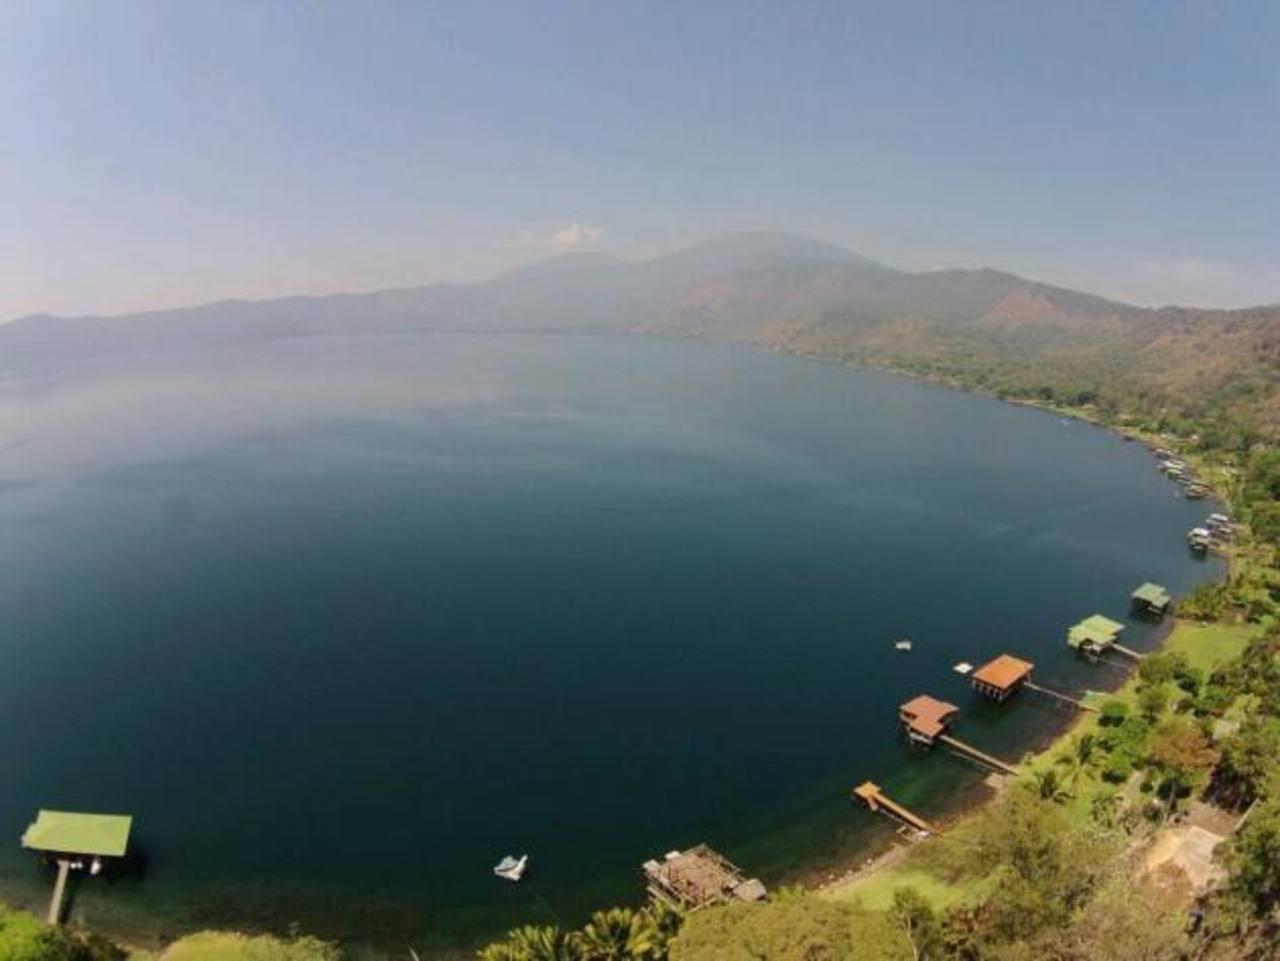 Vista del Lago de Coatepeque.